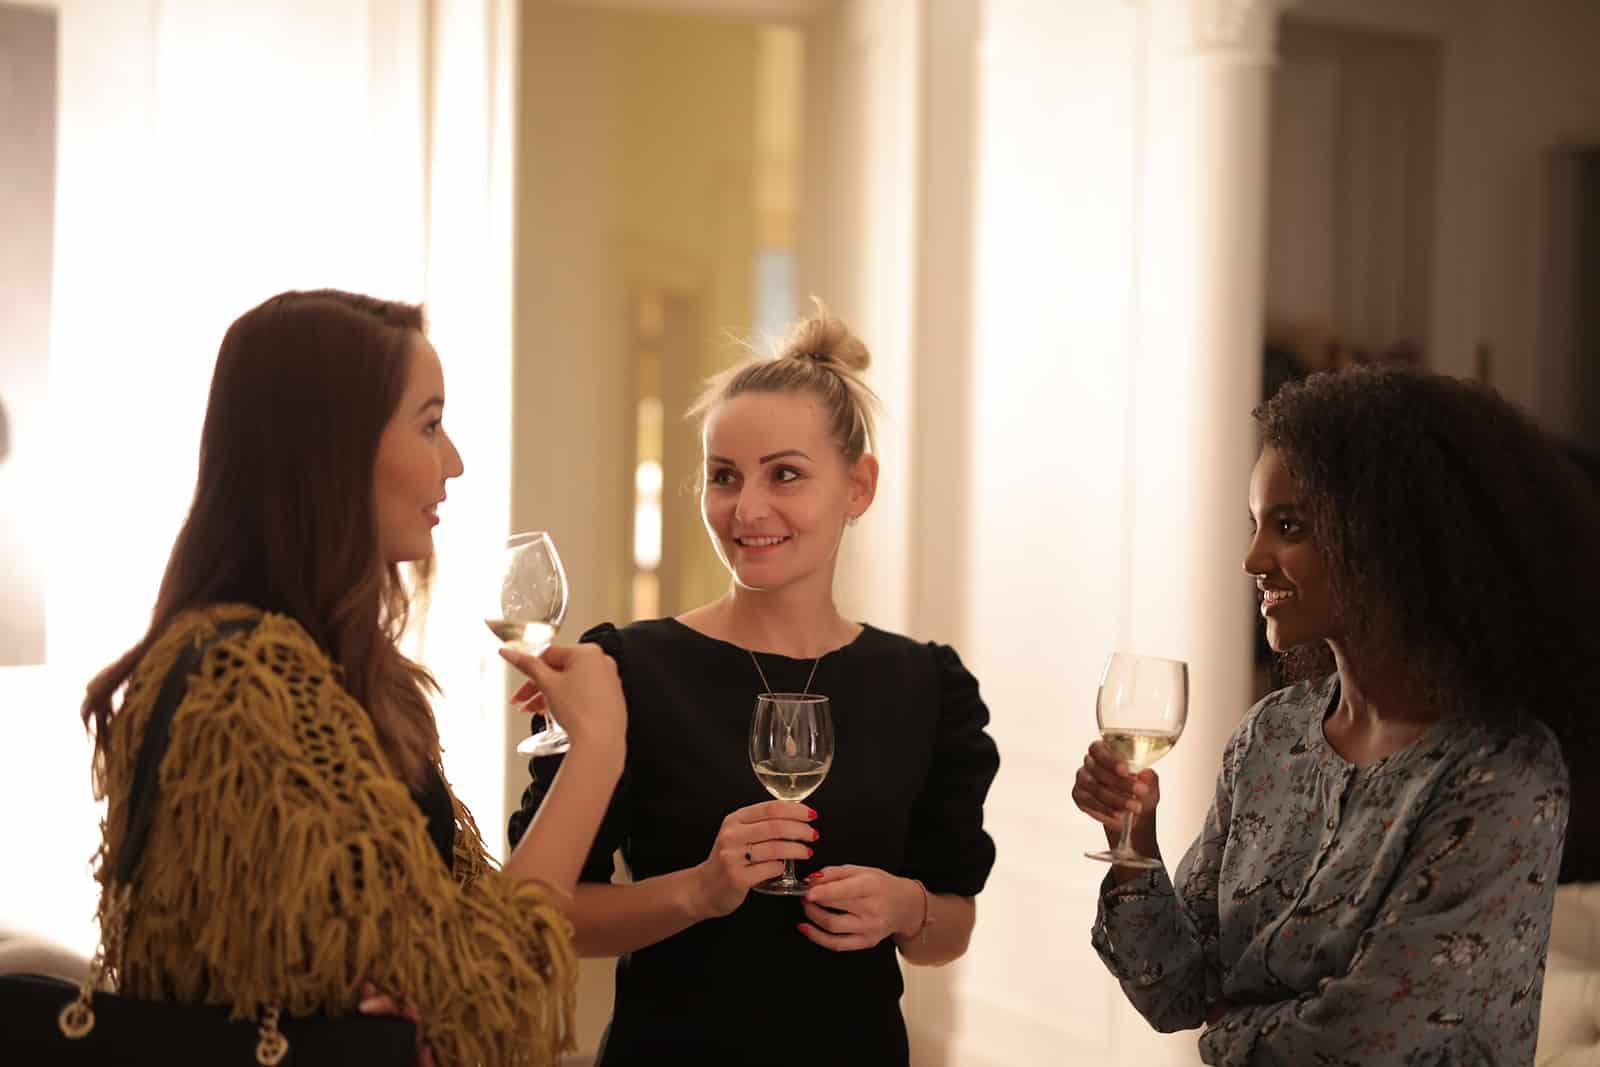 Drei Freundinnen unterhalten sich beim Weintrinken